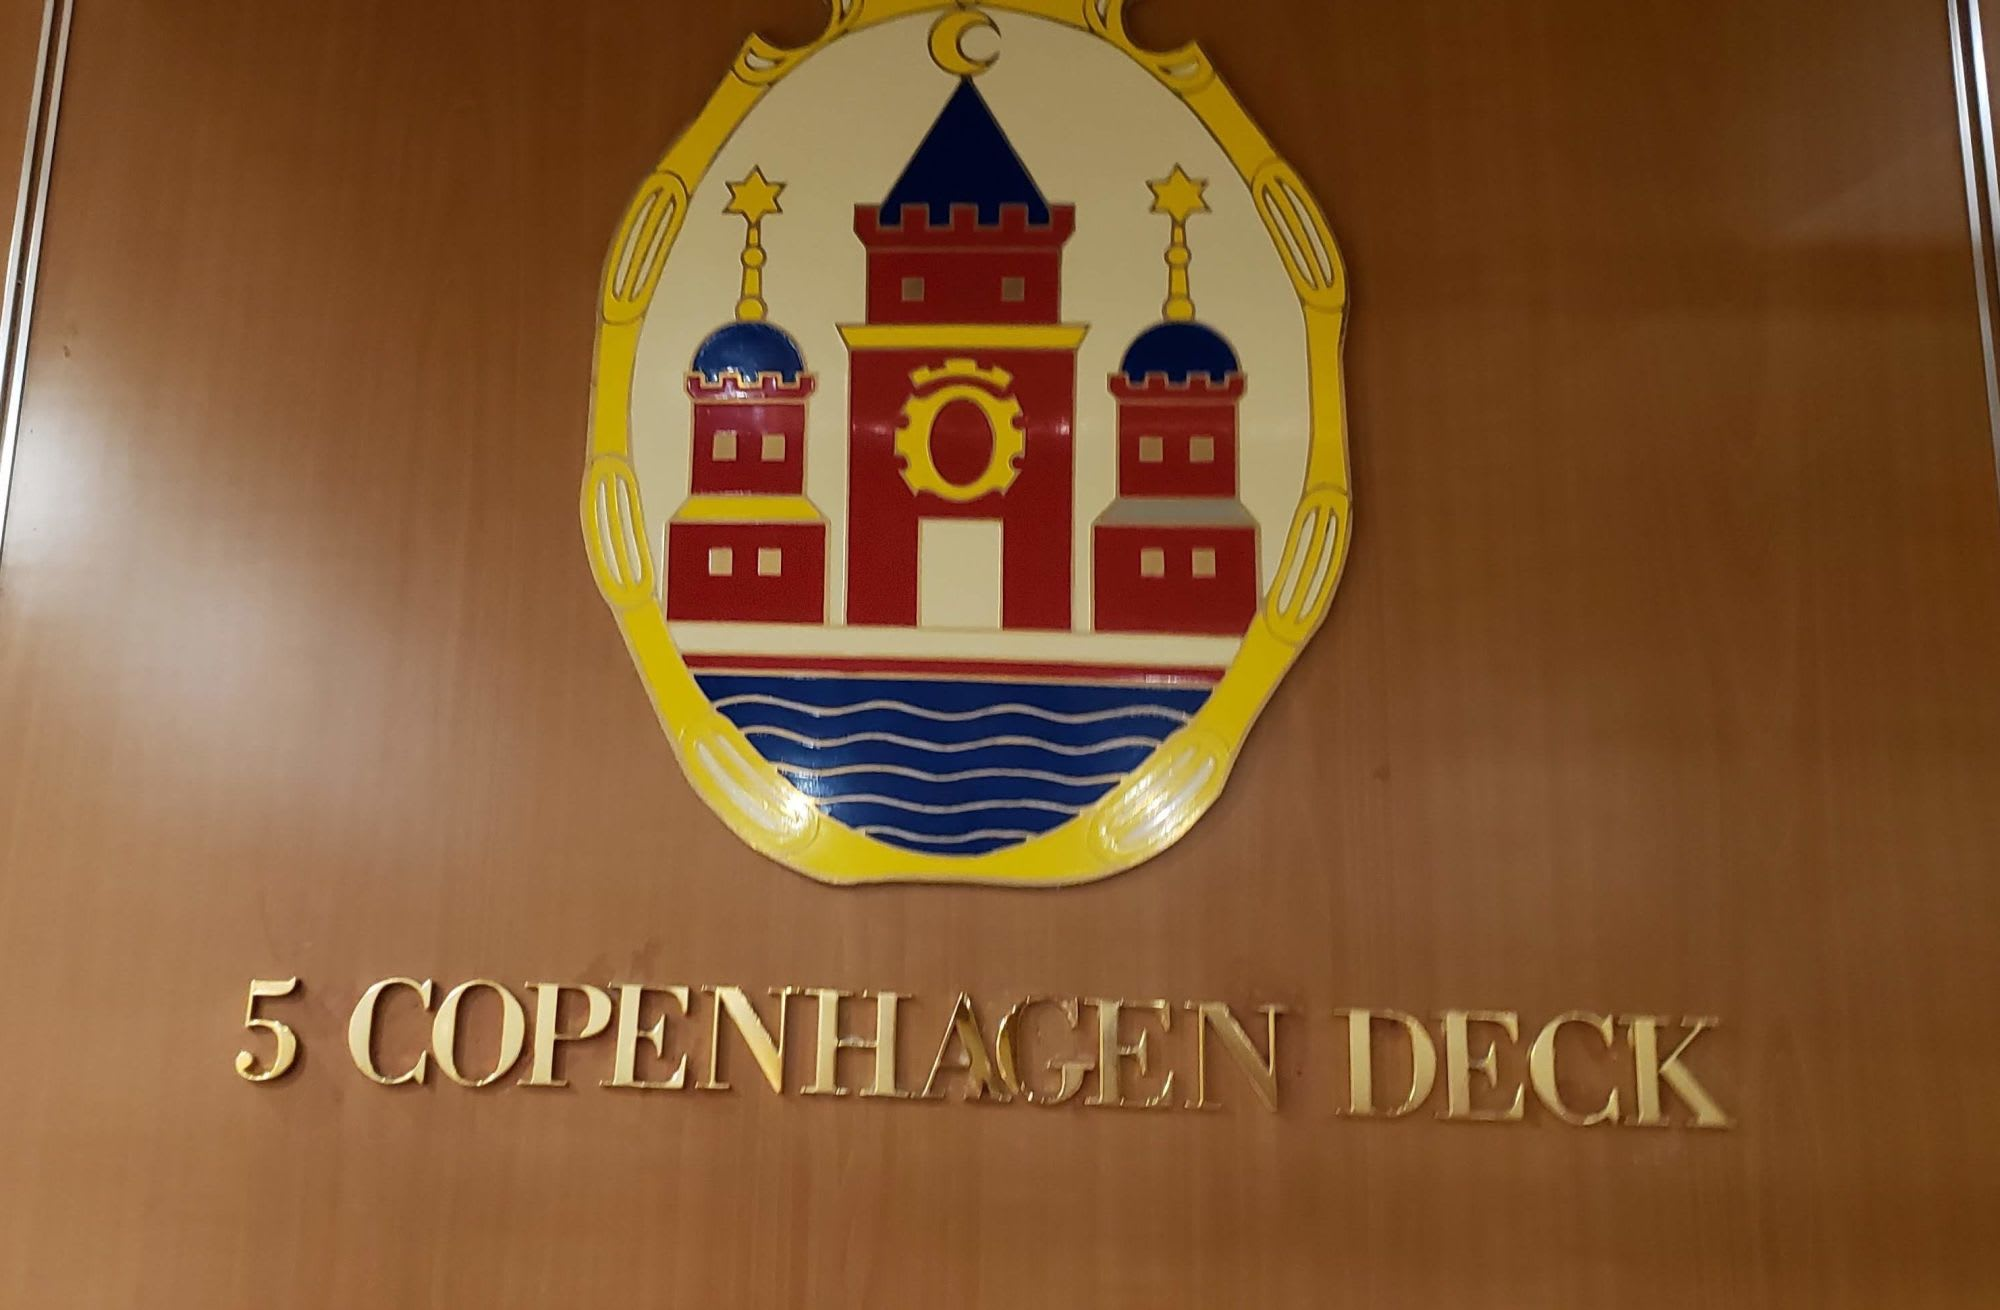 こちらはコペンハーゲン